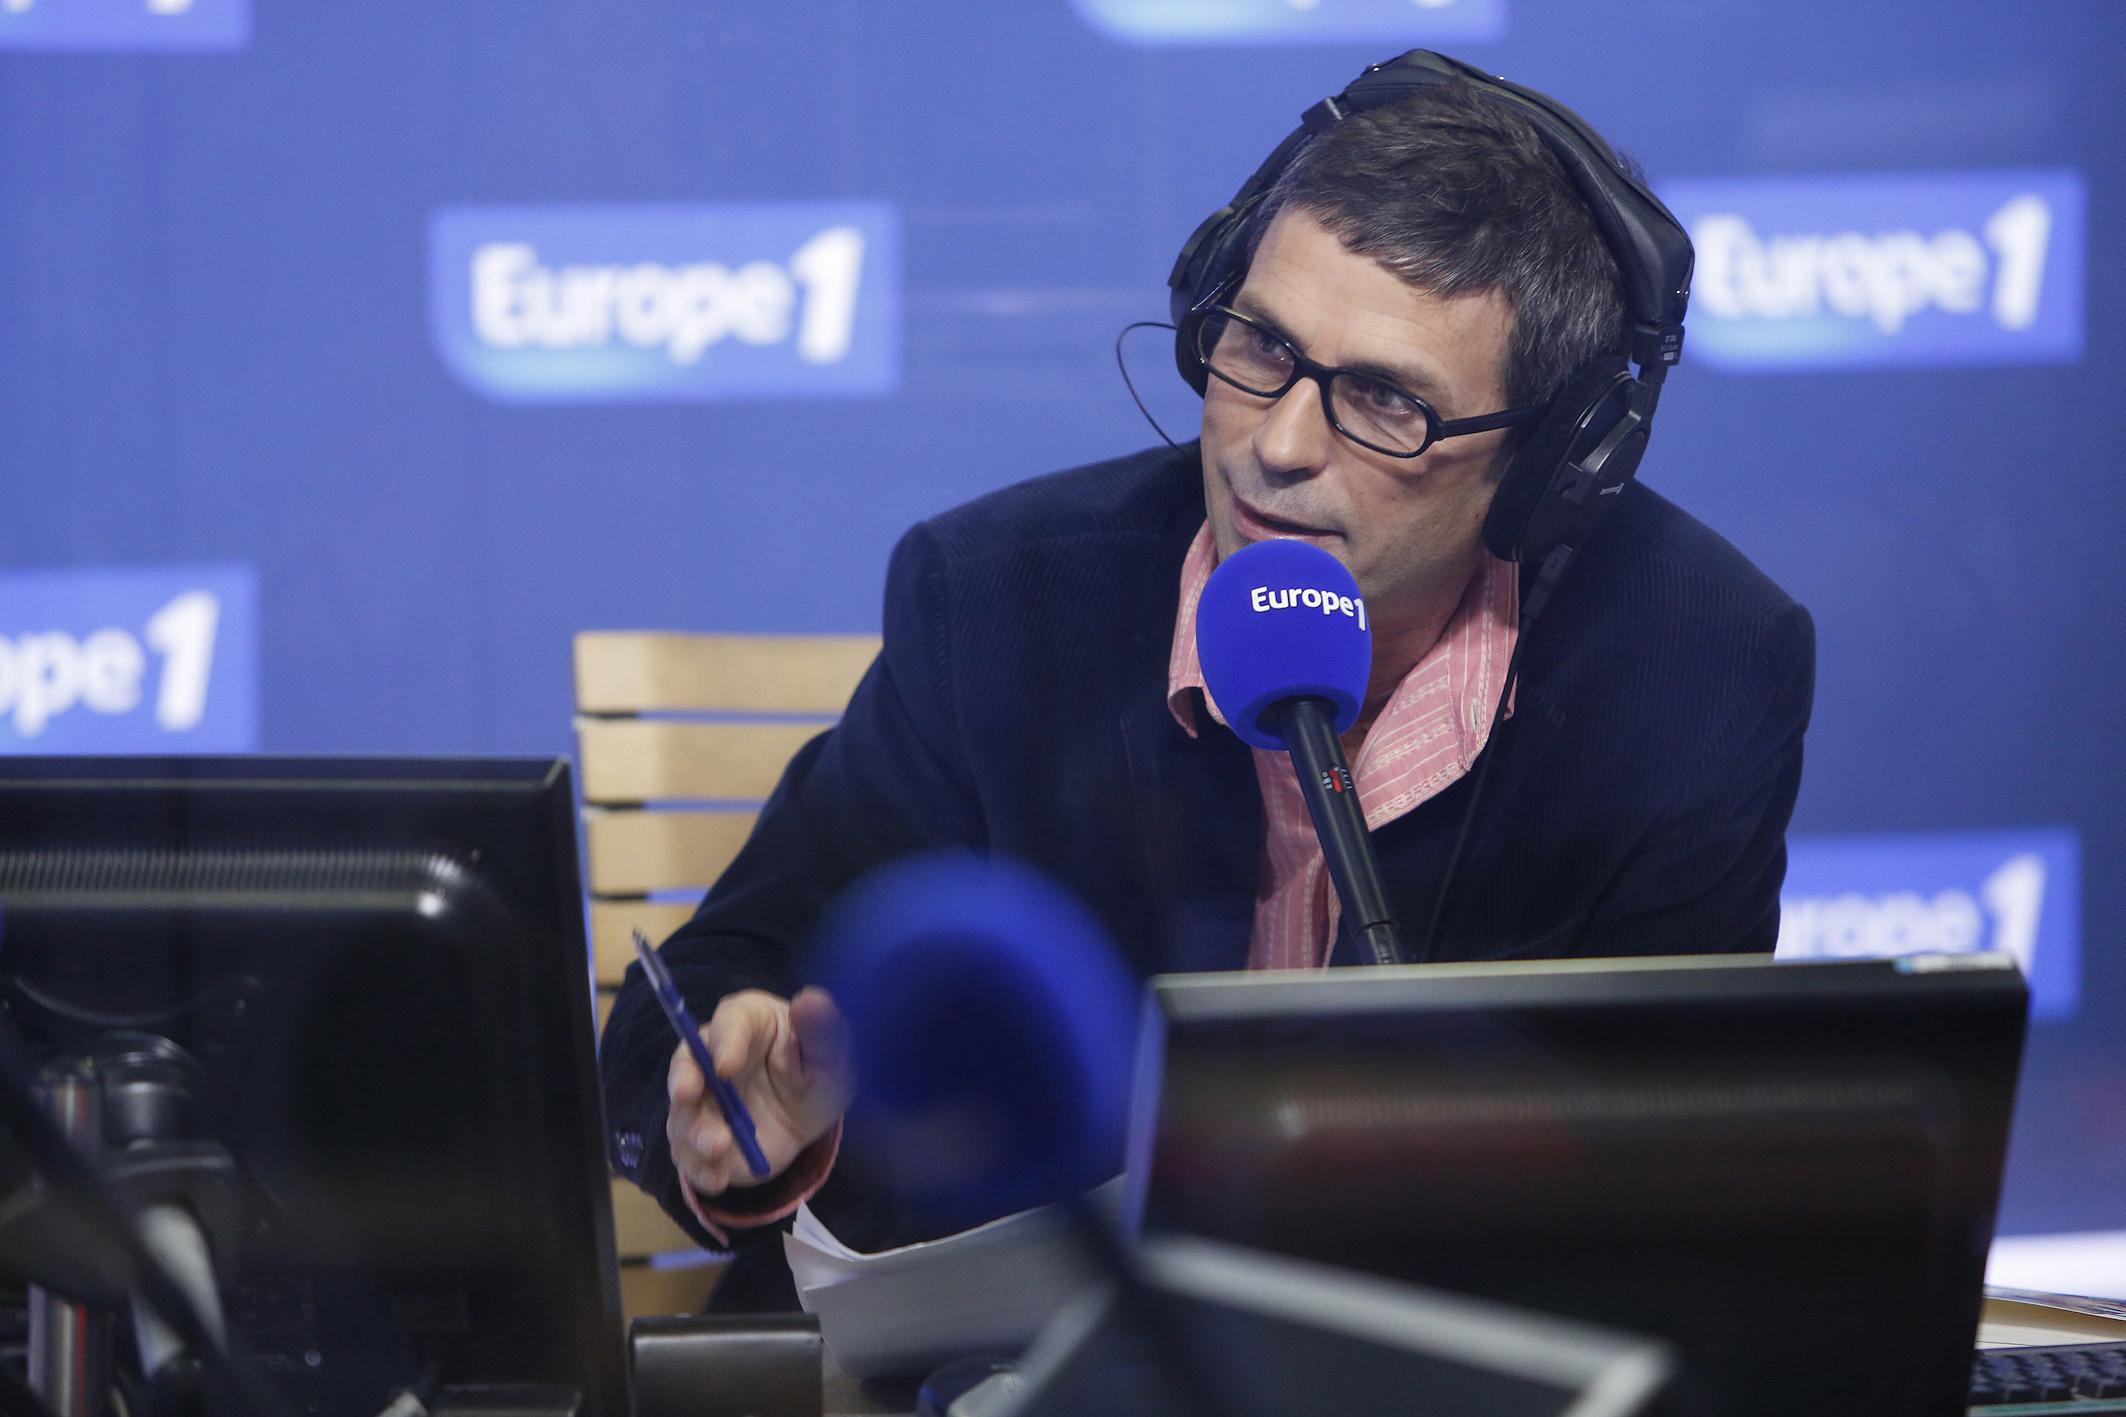 Frédéric Taddeï gagne des auditeurs, en un an comme en une vague, avec chaque soir 209 000 auditeurs à l'écoute © CAPA Pictures / Europe 1